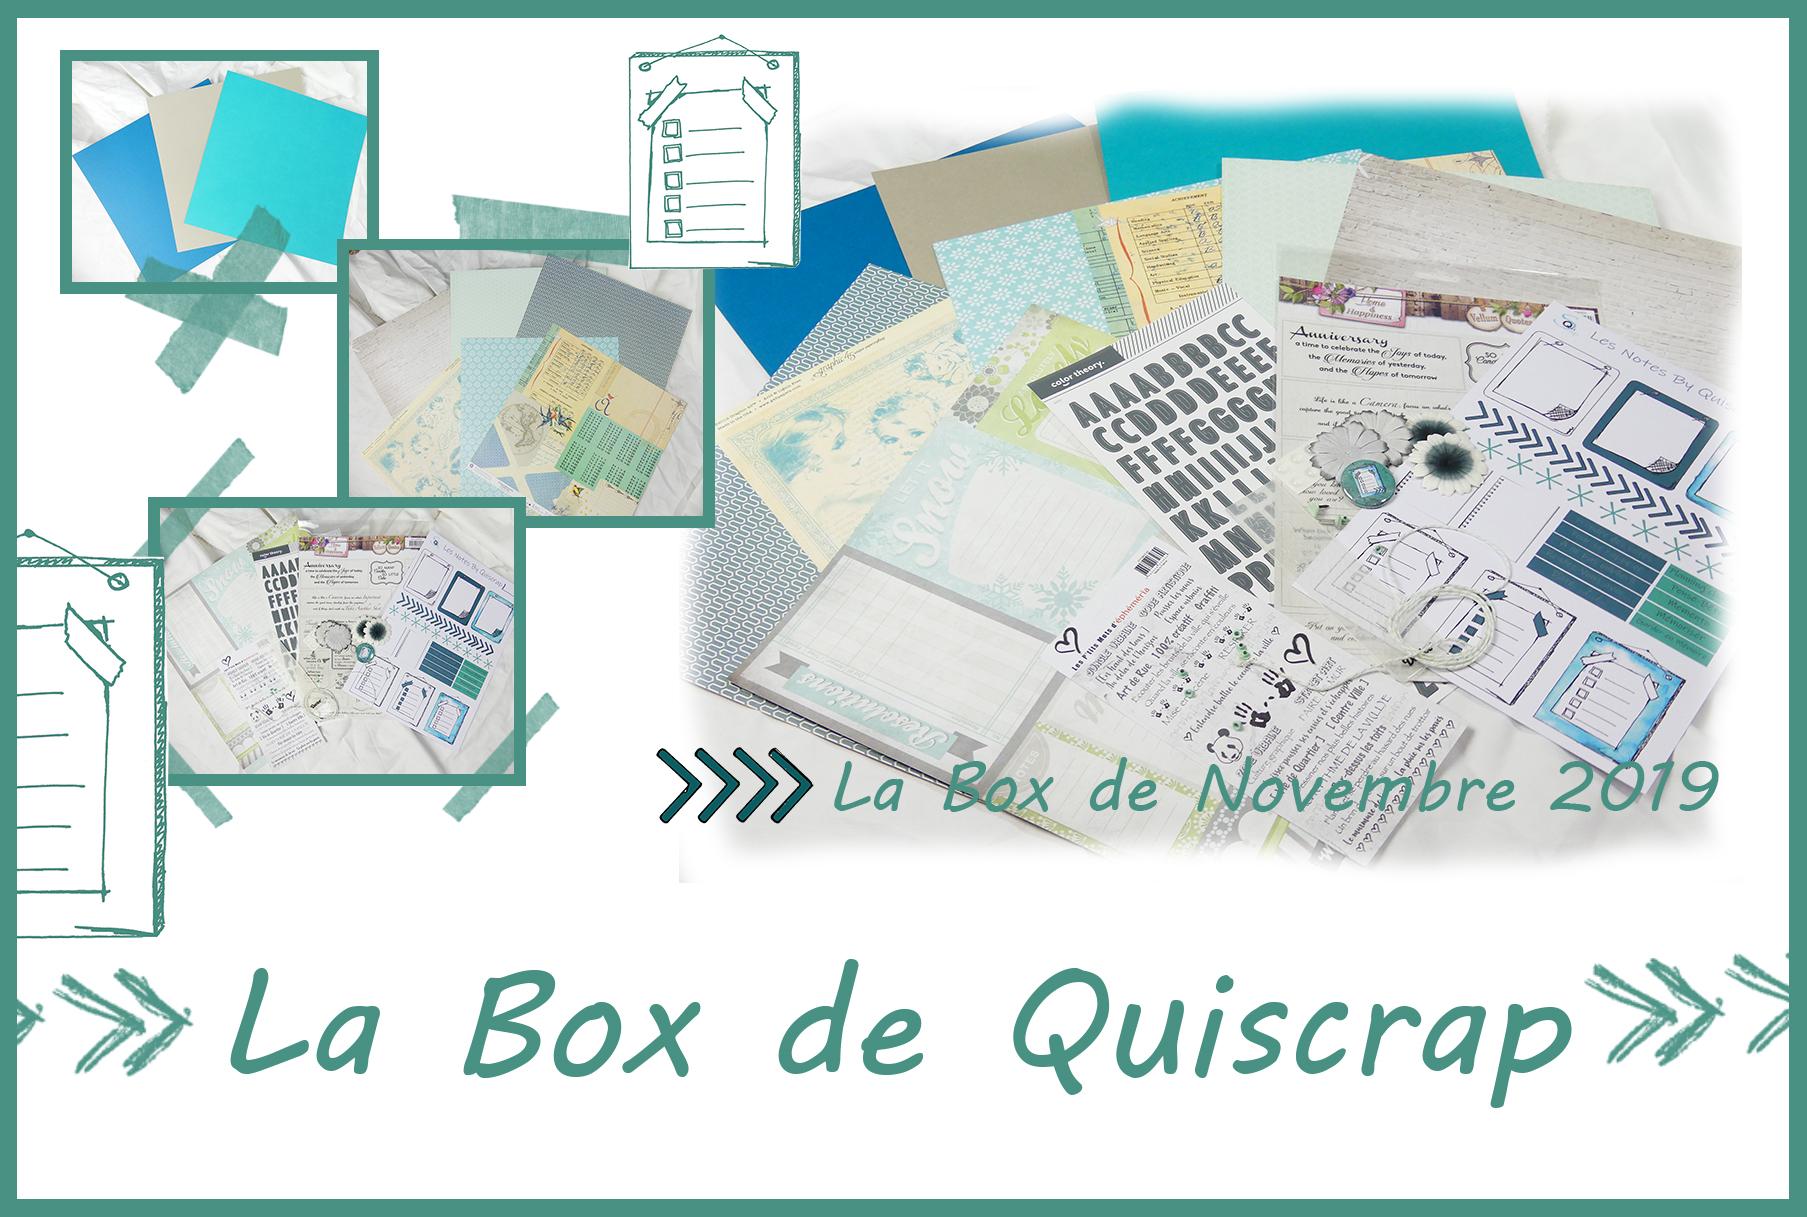 La Box de Novembre 2019